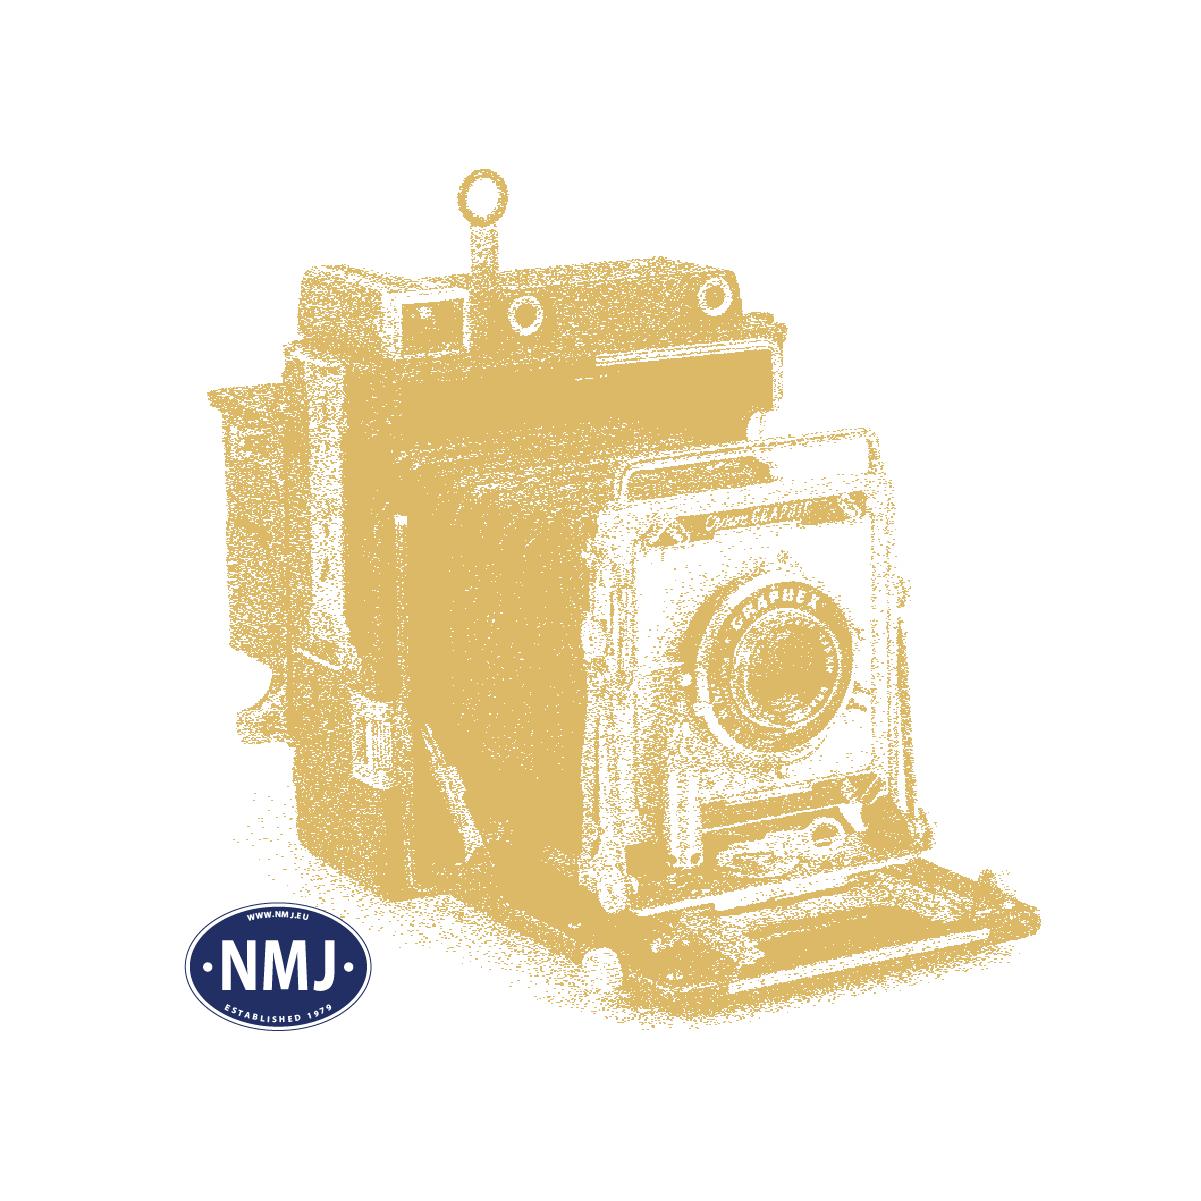 NMJT84.102 - NMJ Topline NSB BM69A.07, gml design sorte dører, DC